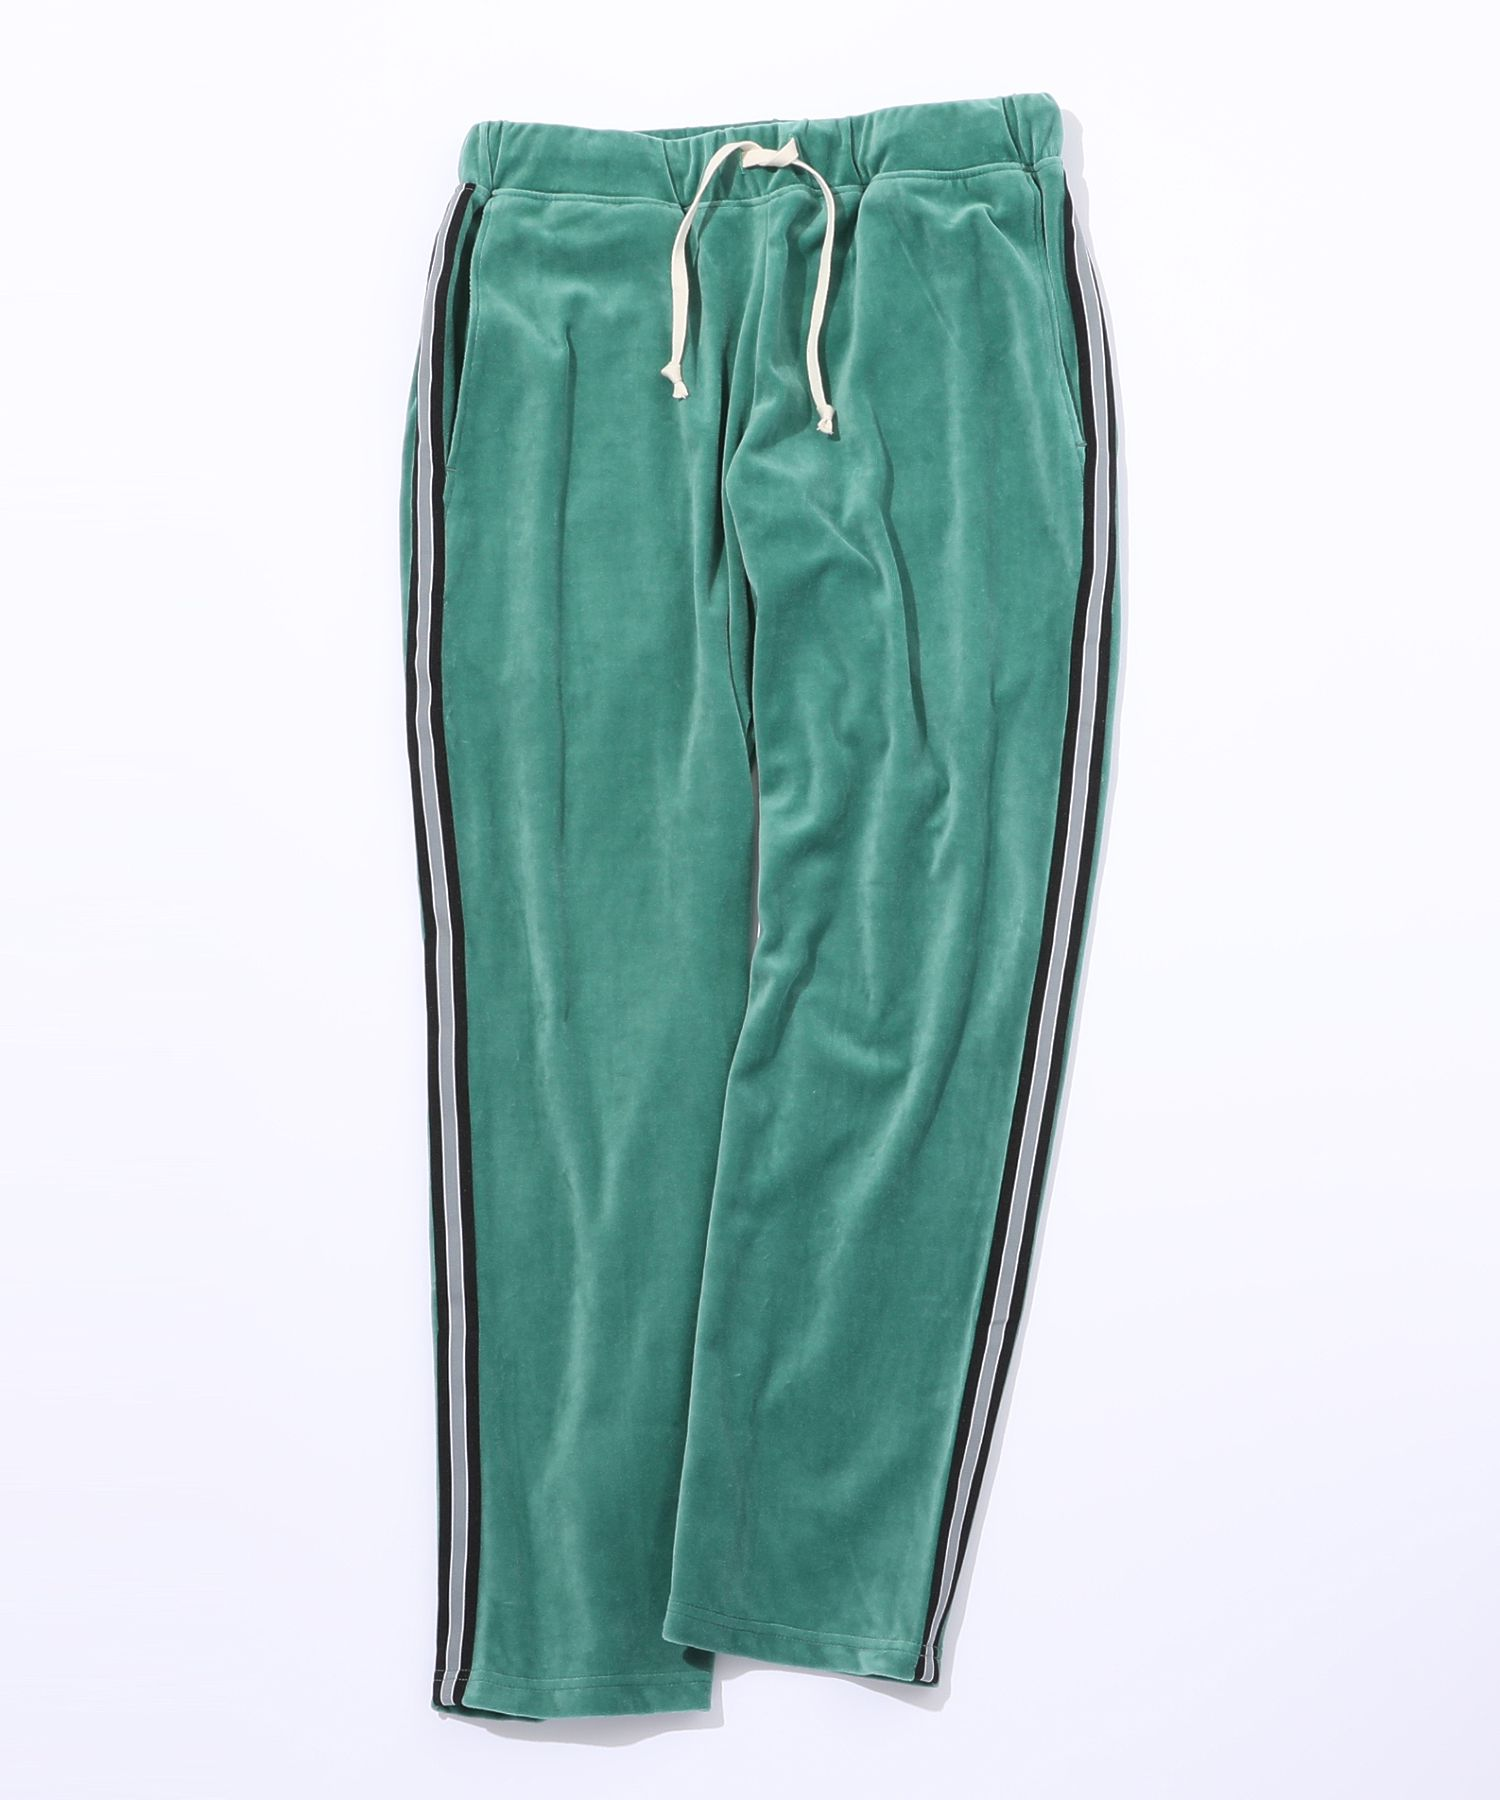 アメリカンラグシー AMERICAN RAG CIE / ラインベロアパンツ Lined Velour Pants